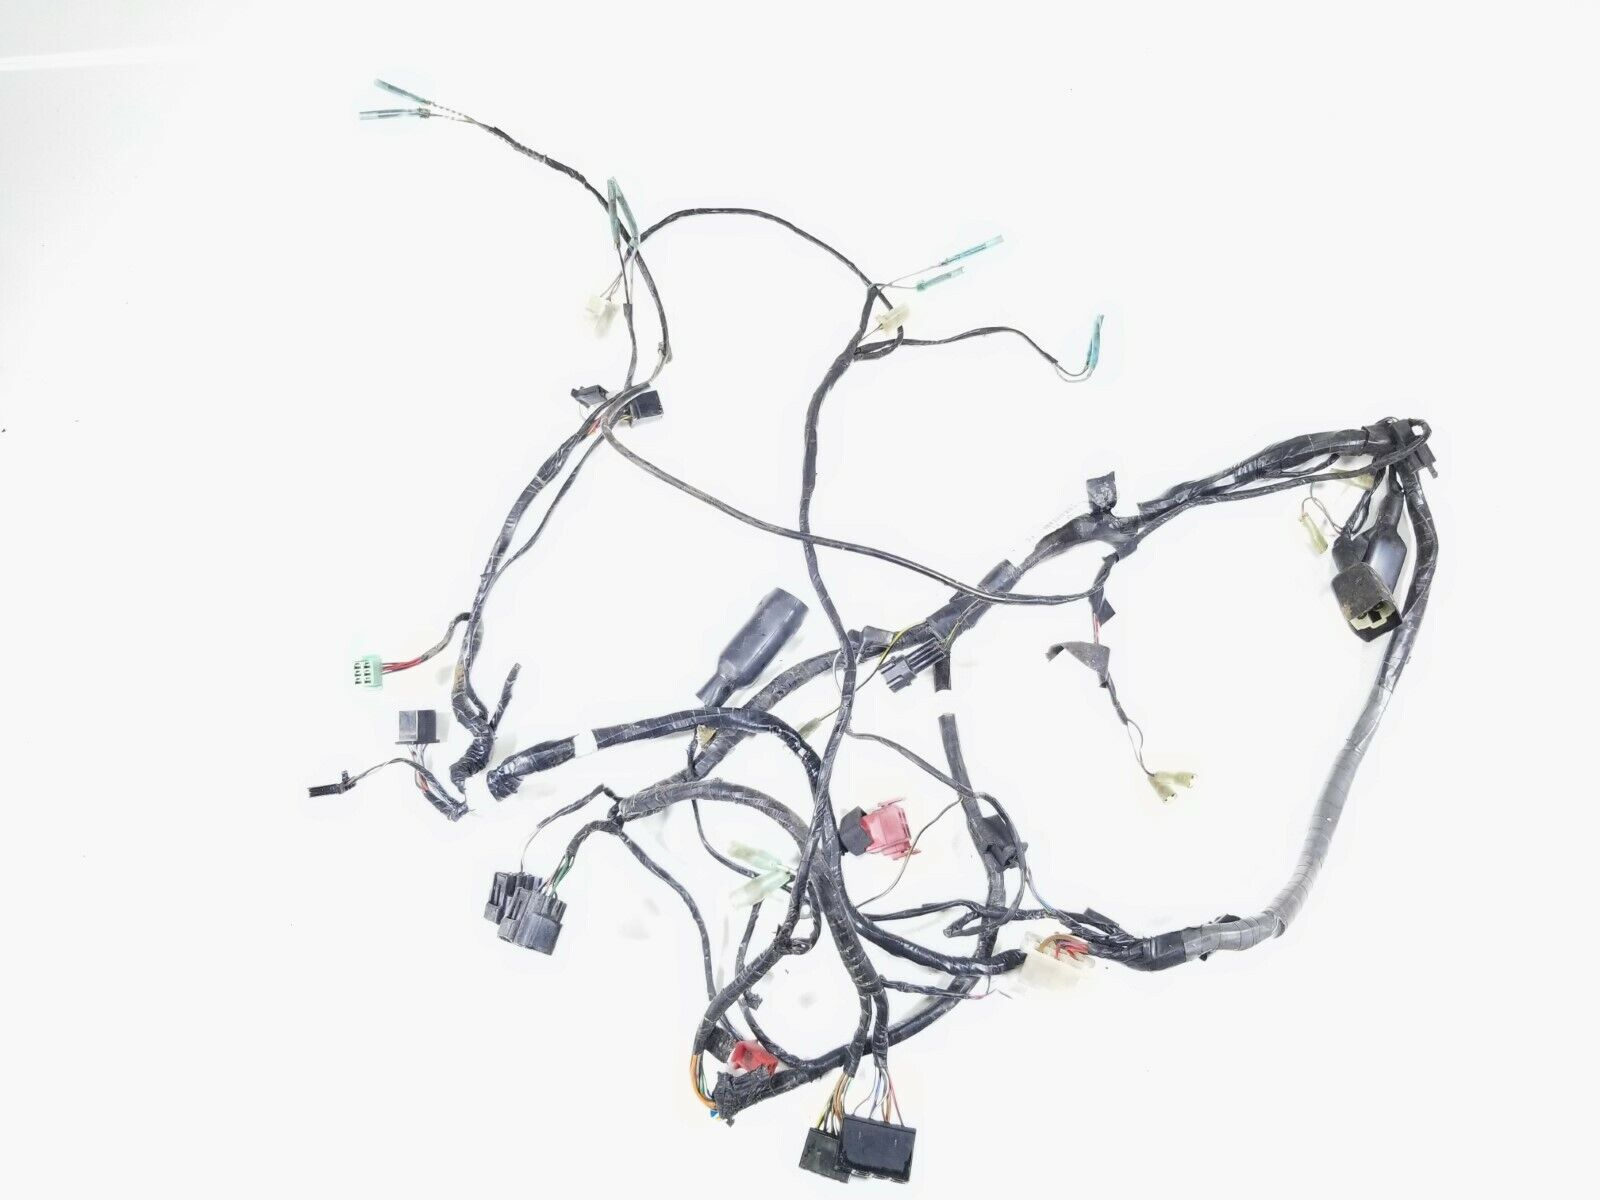 Kawasaki Ninja Zx 6r Zx6 R Main Wiring Wire Harness